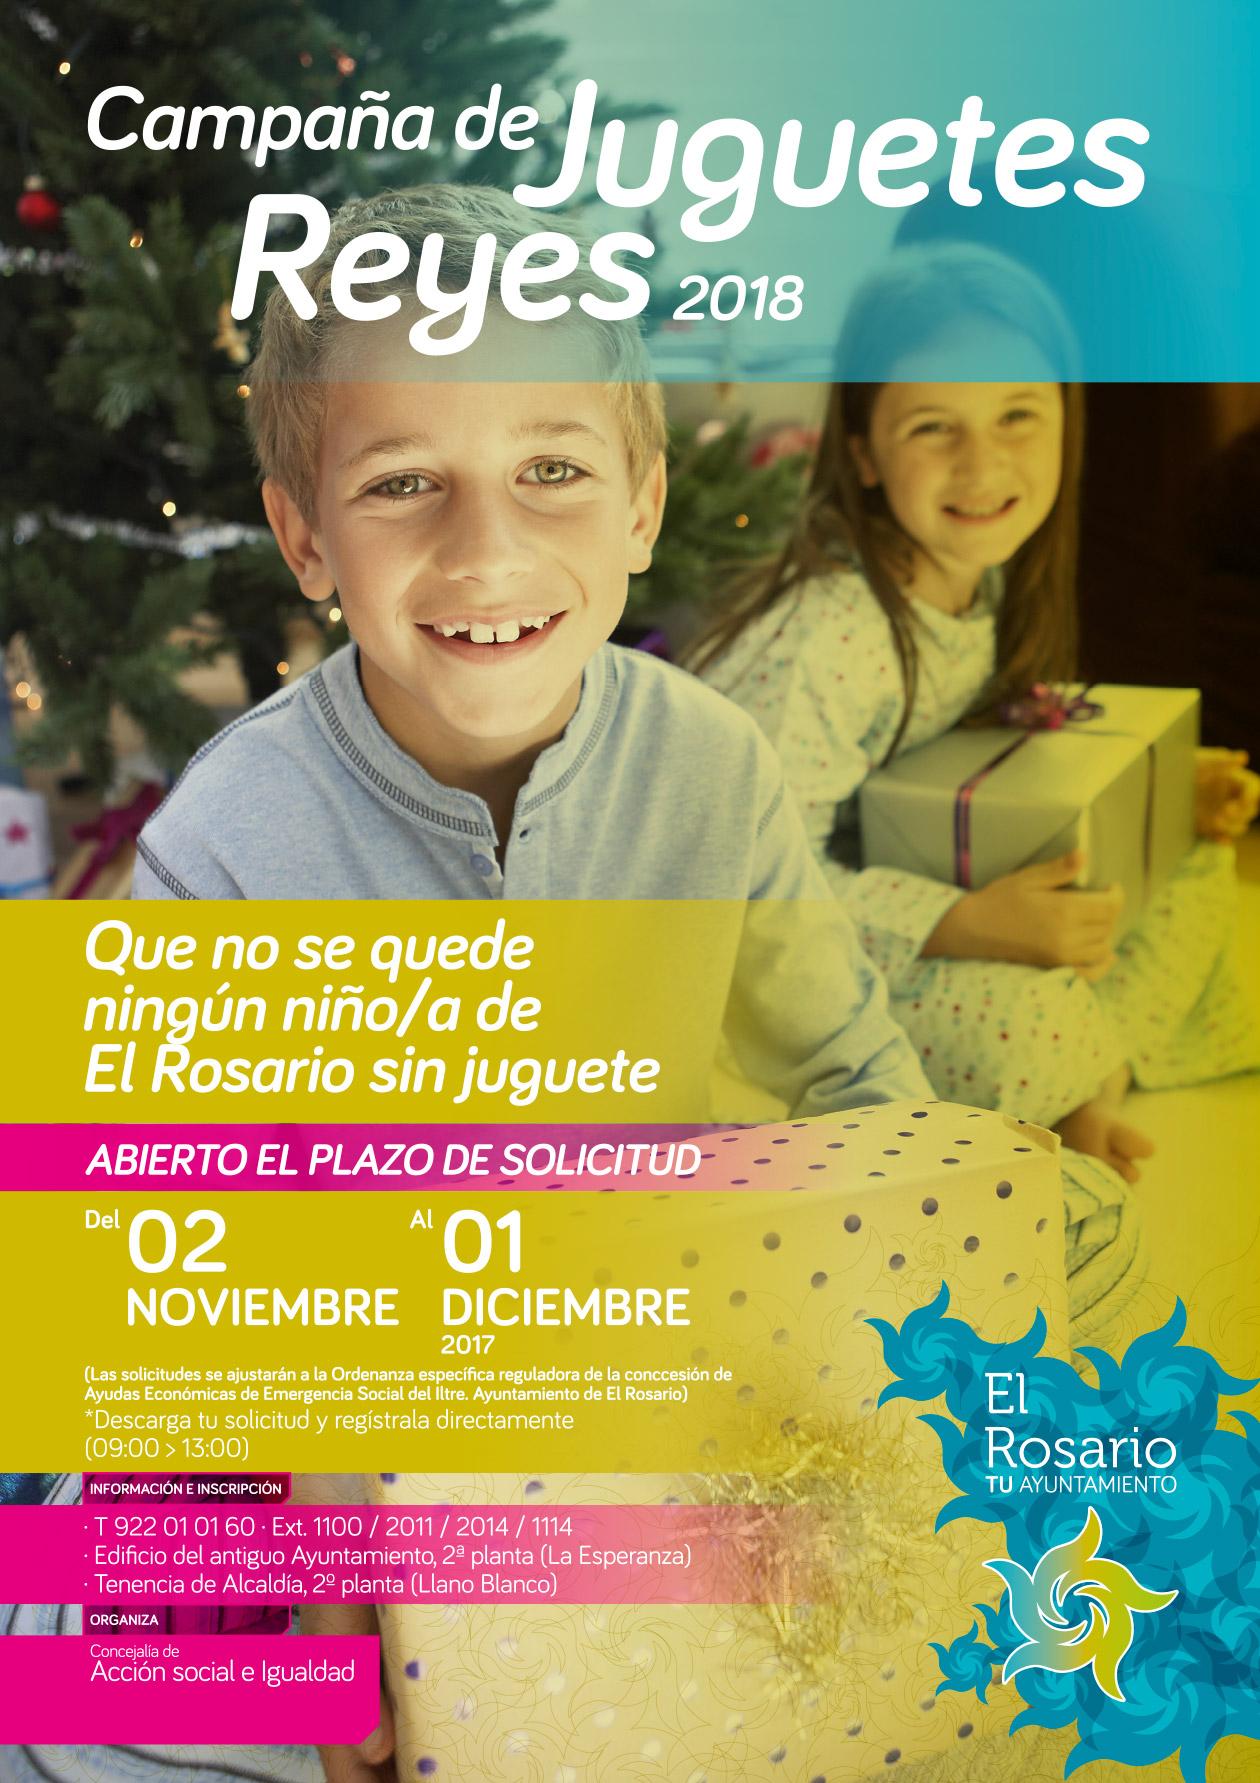 JUGUETES-REYES-CARTEL-20171102-01af-redes